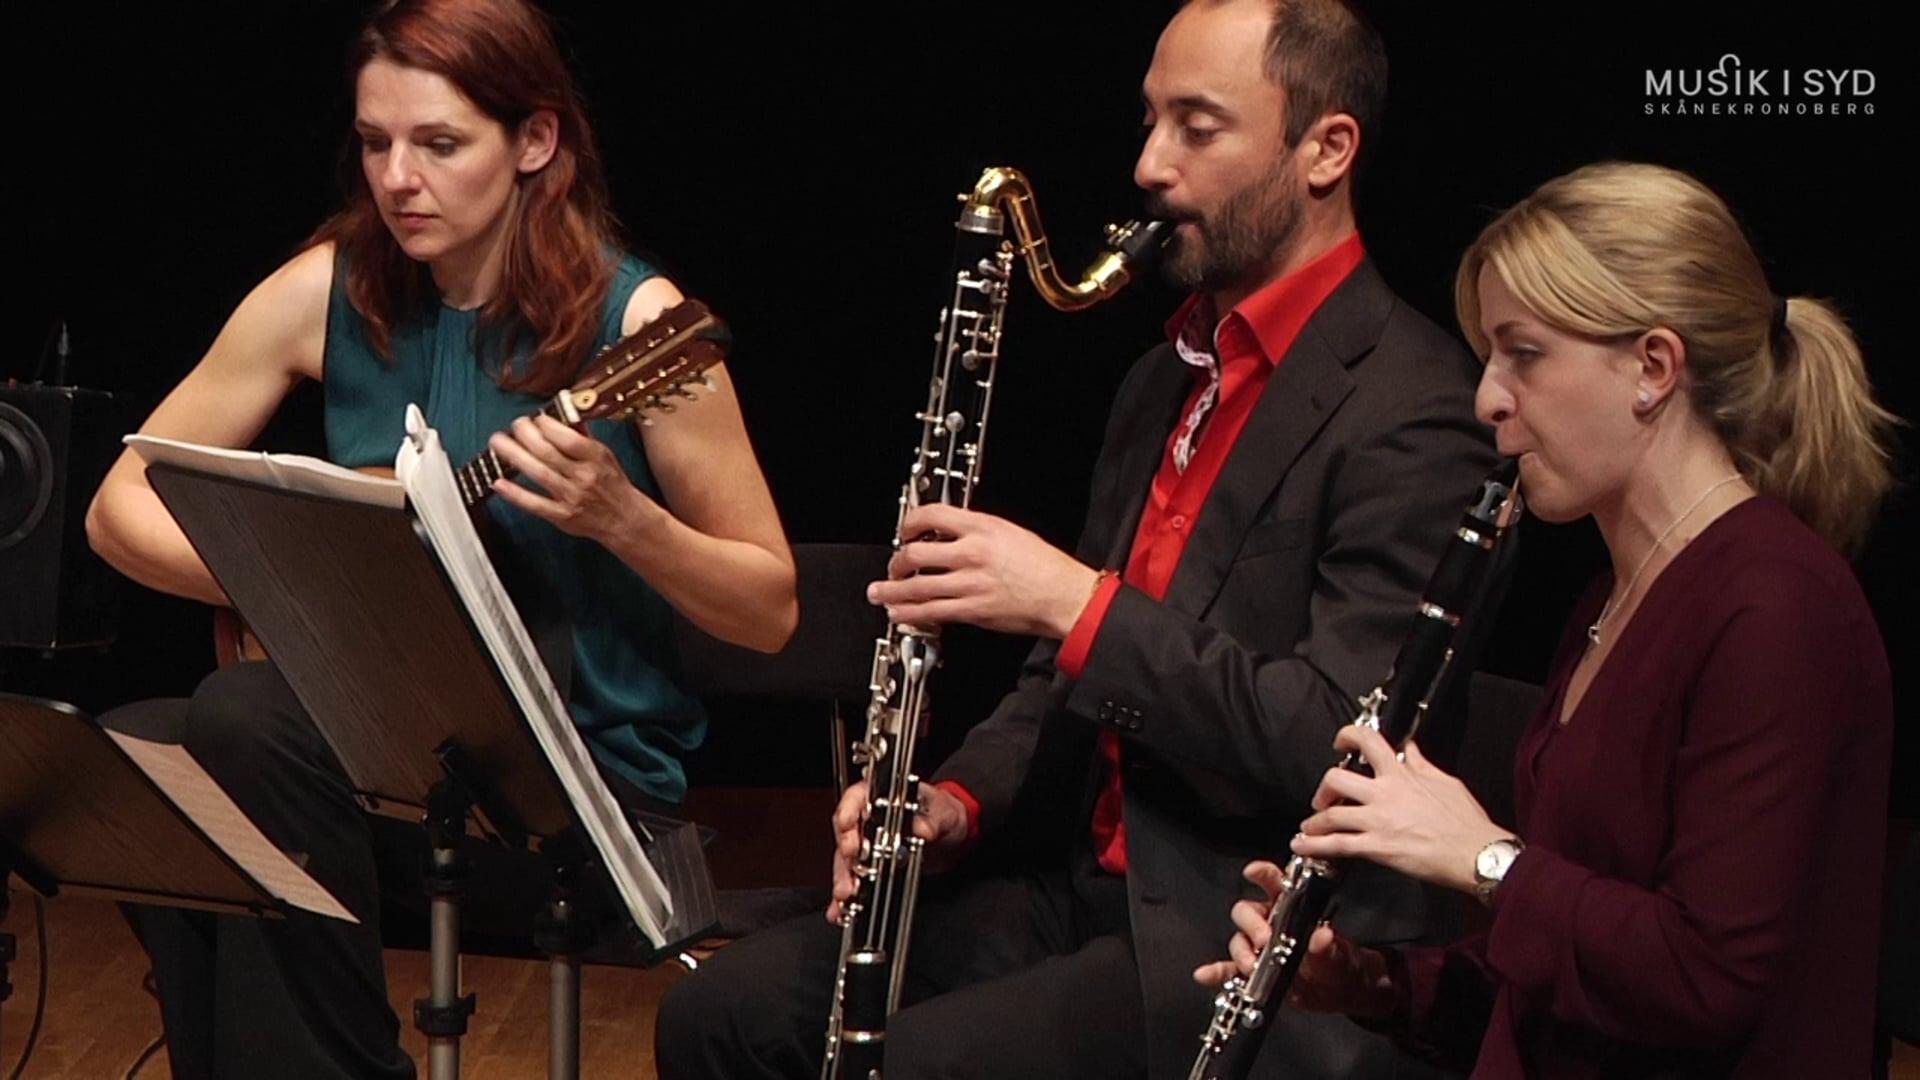 konsert20131027musikisyd-aschonberg-hd720p